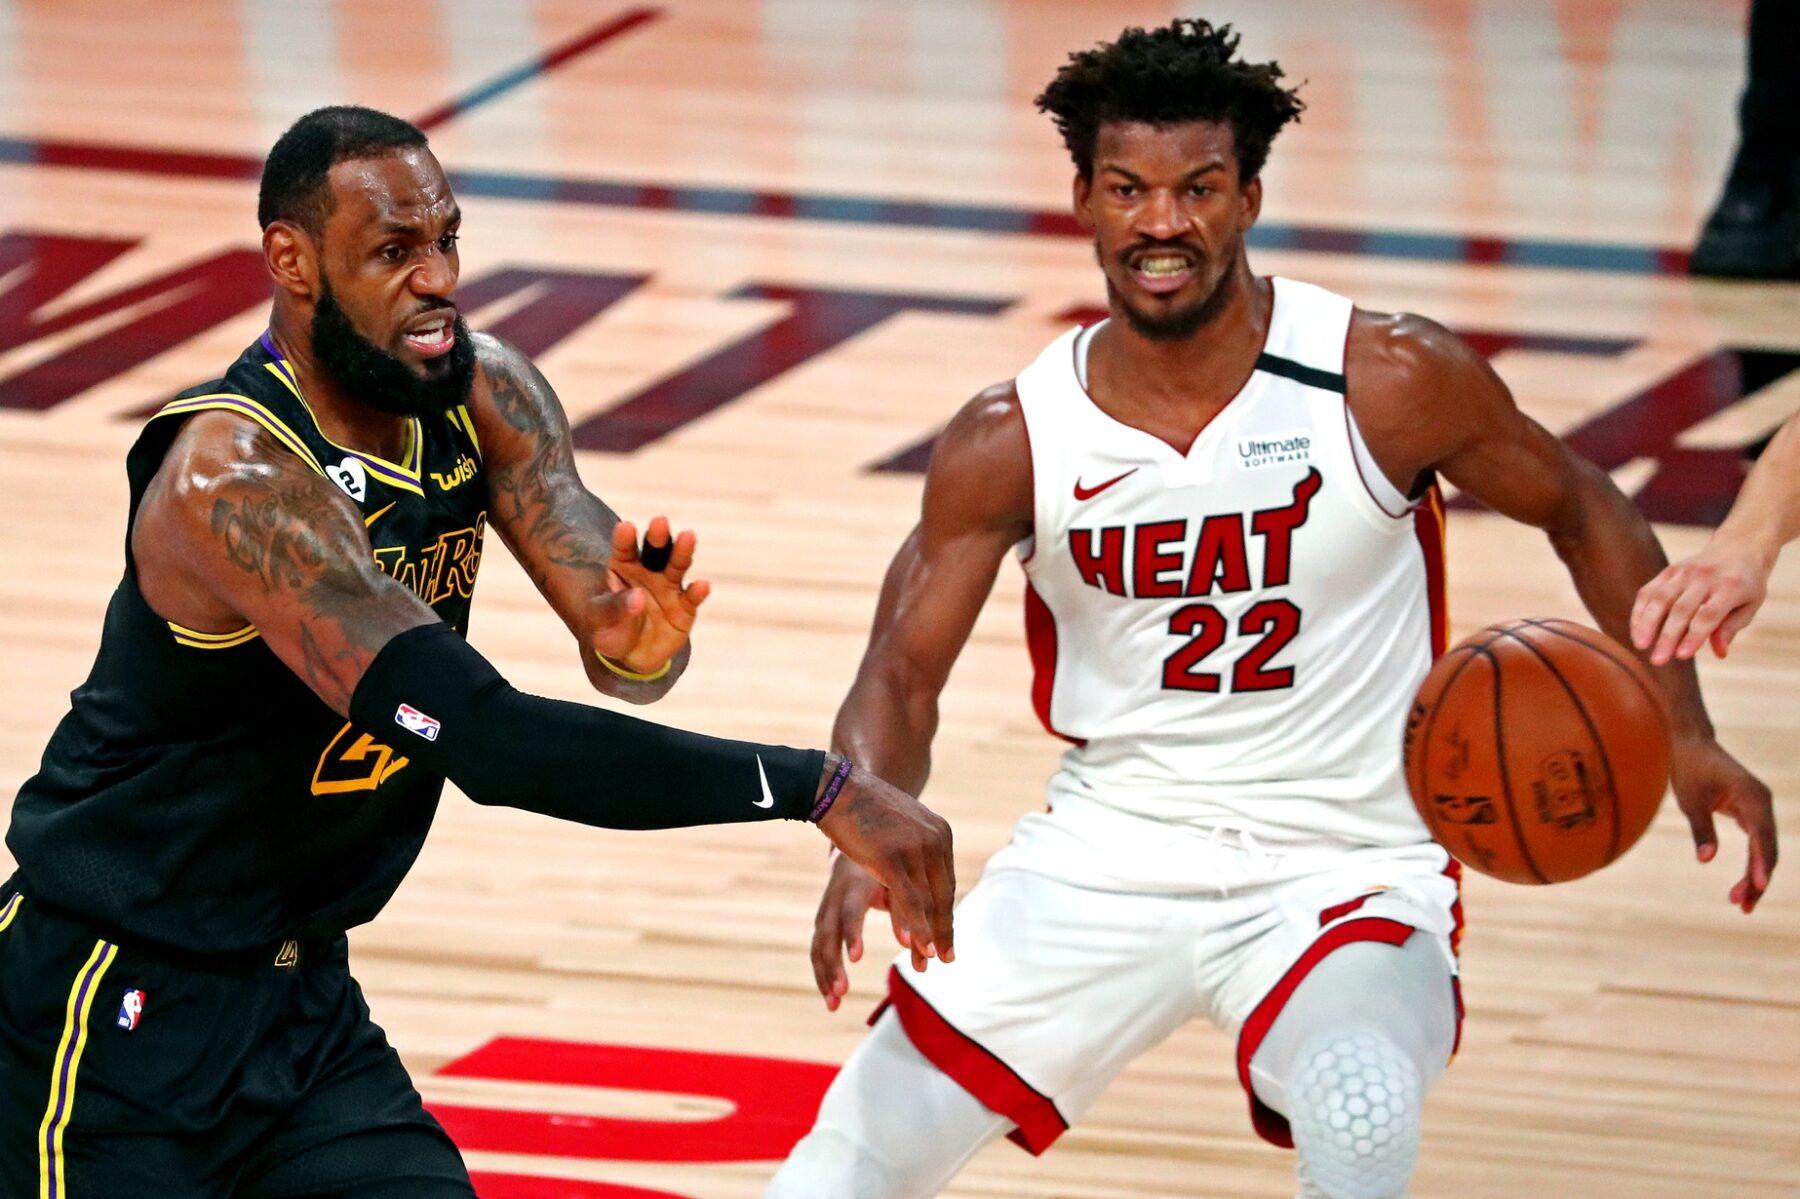 En un final electrizante, Miami Heat supera a los Lakers de LeBron James y prolonga la lucha por el anillo de la NBA